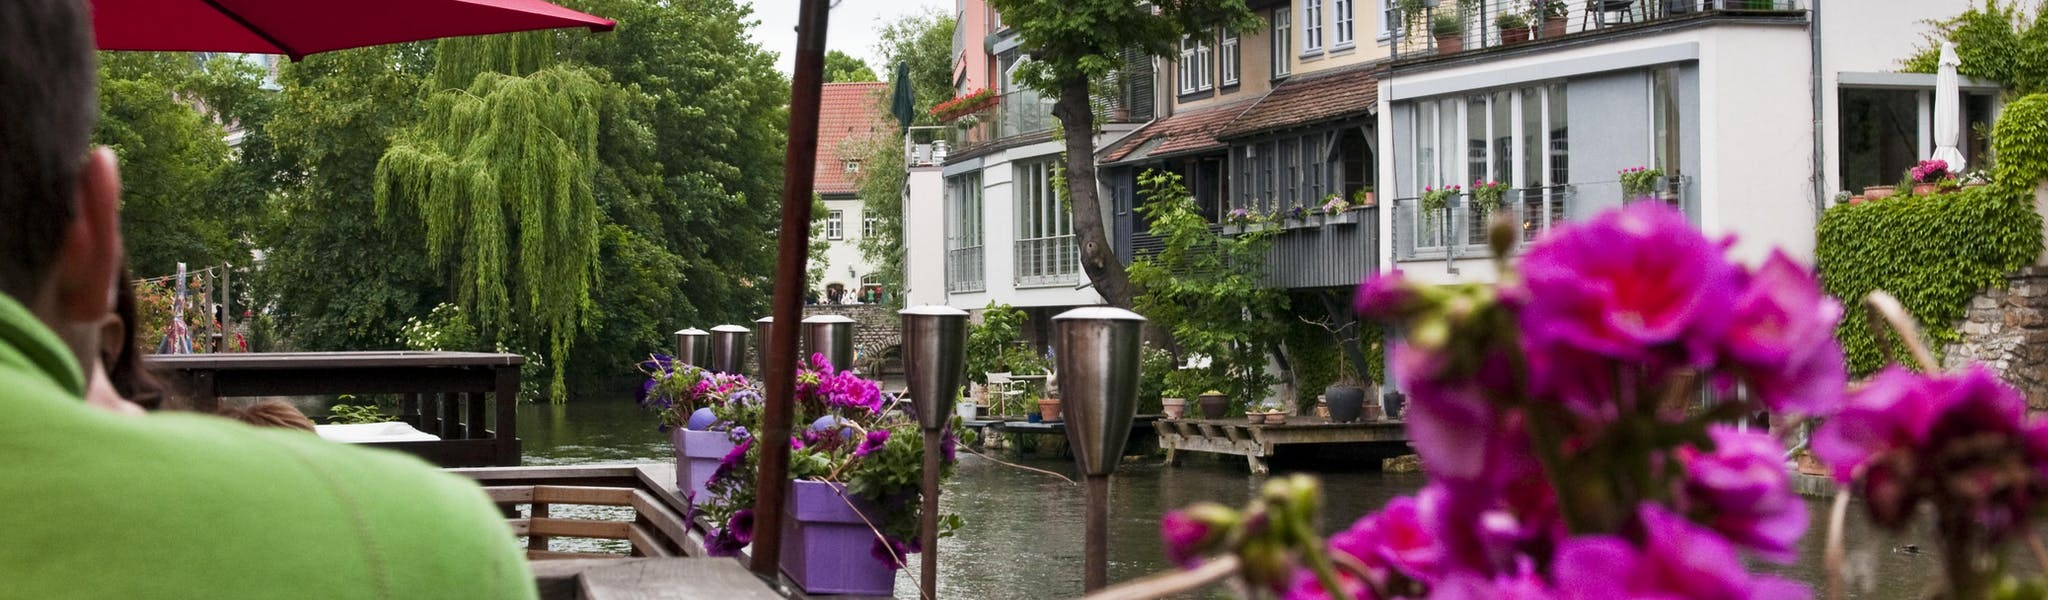 9-daagse Thuringer Becken